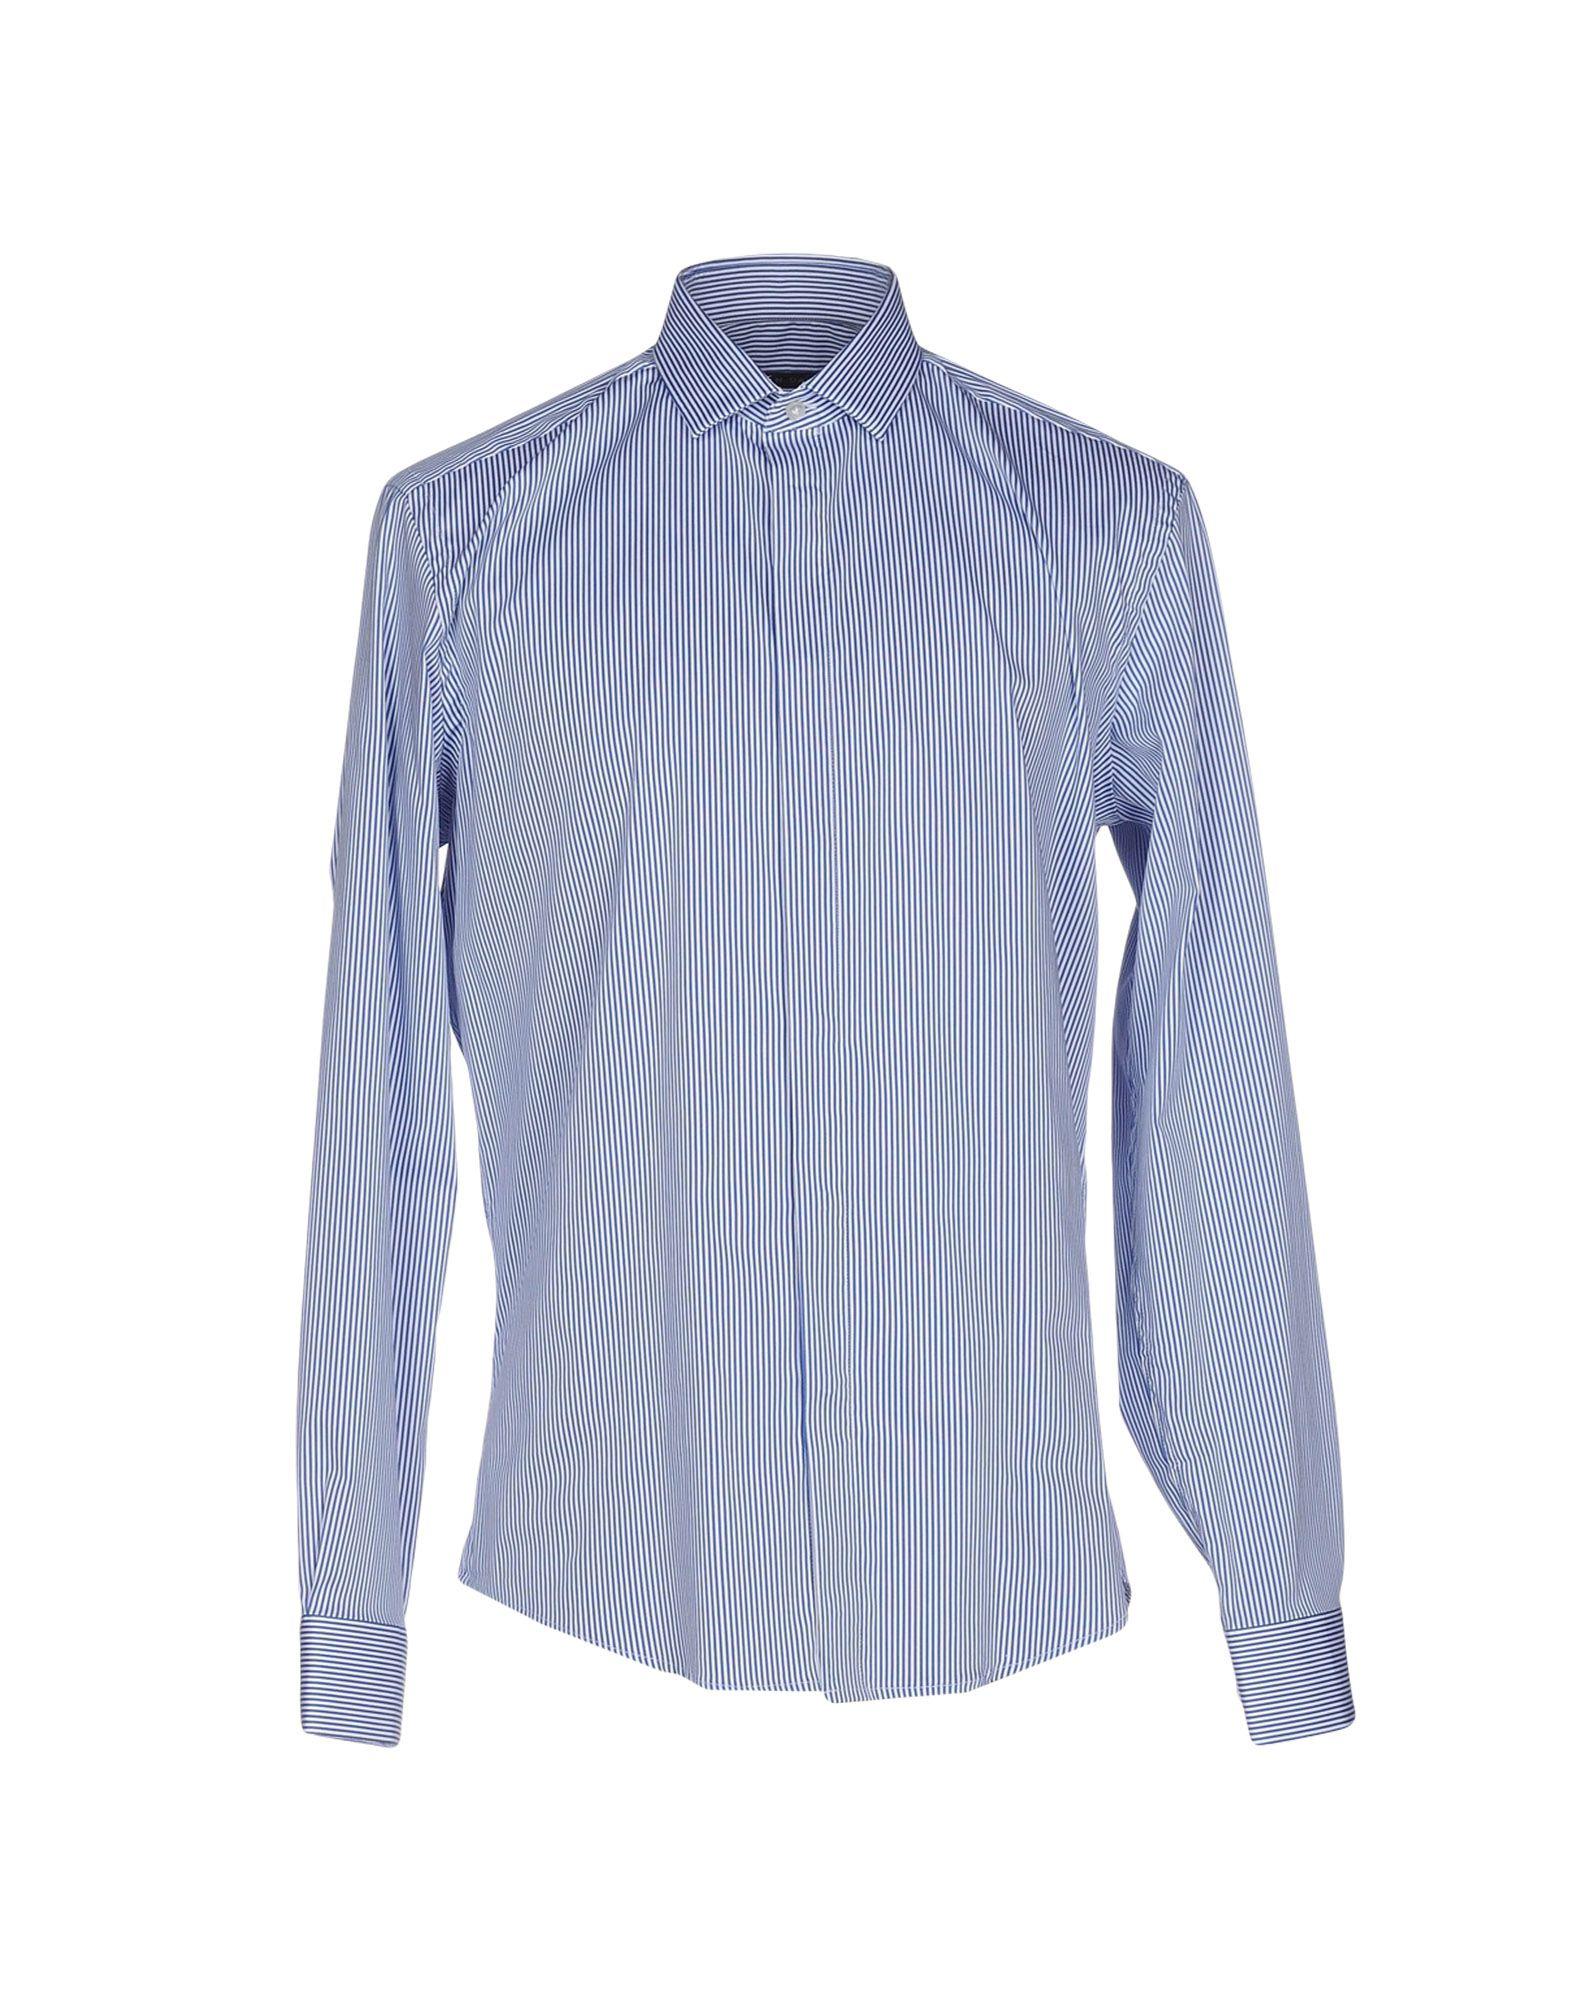 BRIAN DALES Herren Hemd Farbe Azurblau Größe 6 jetztbilligerkaufen